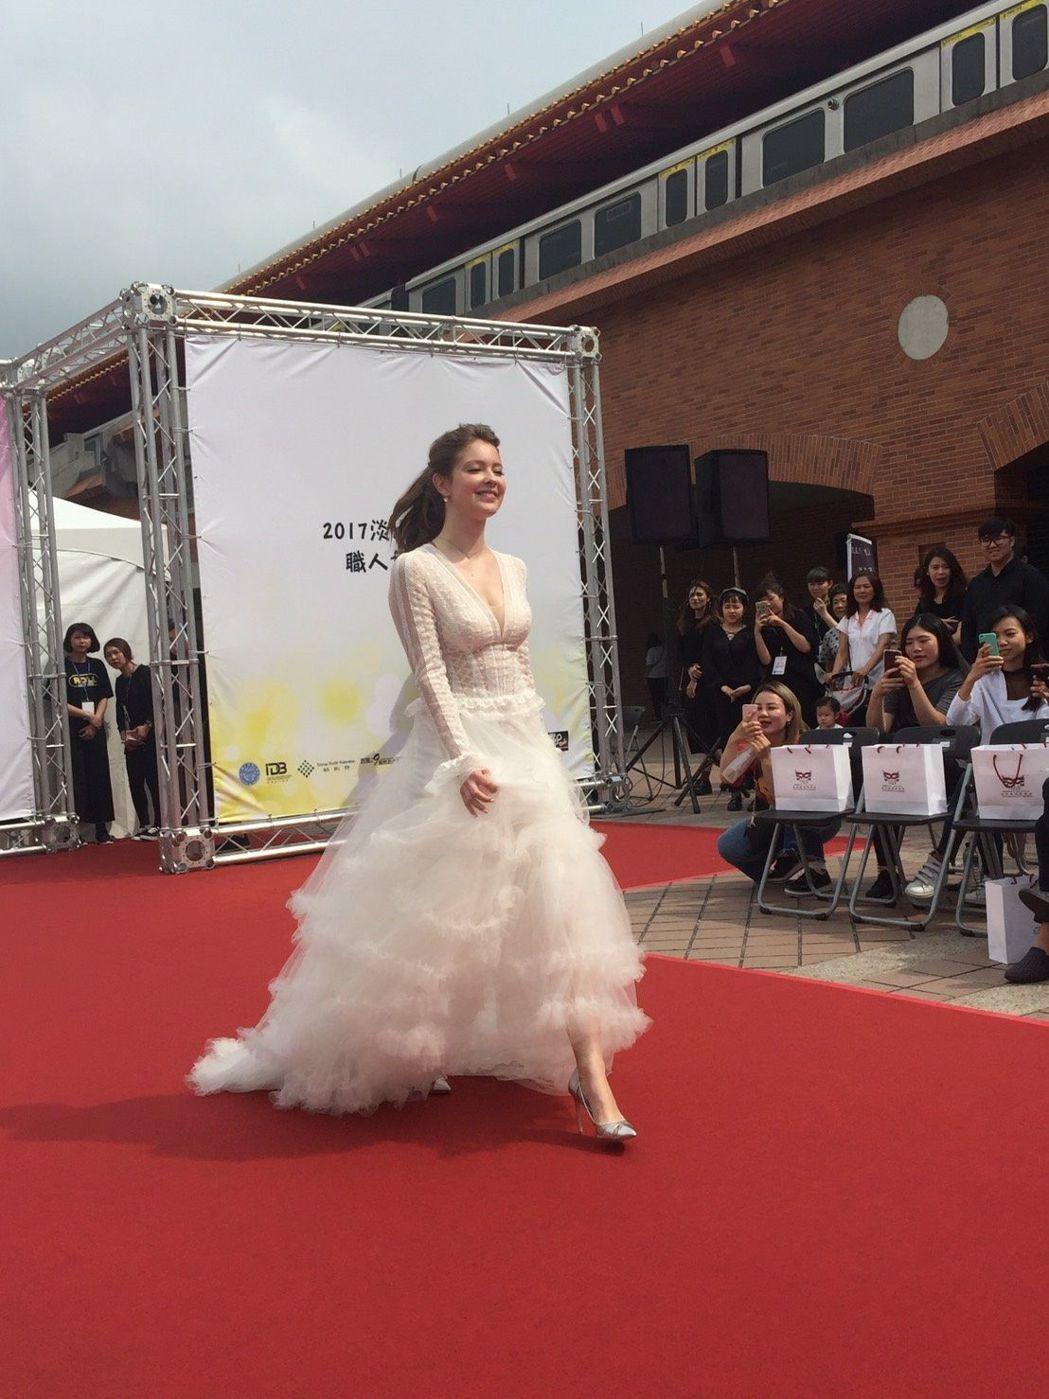 俄羅斯美女藝人安妮走秀,成為鎂光燈焦點 聖約大/提供